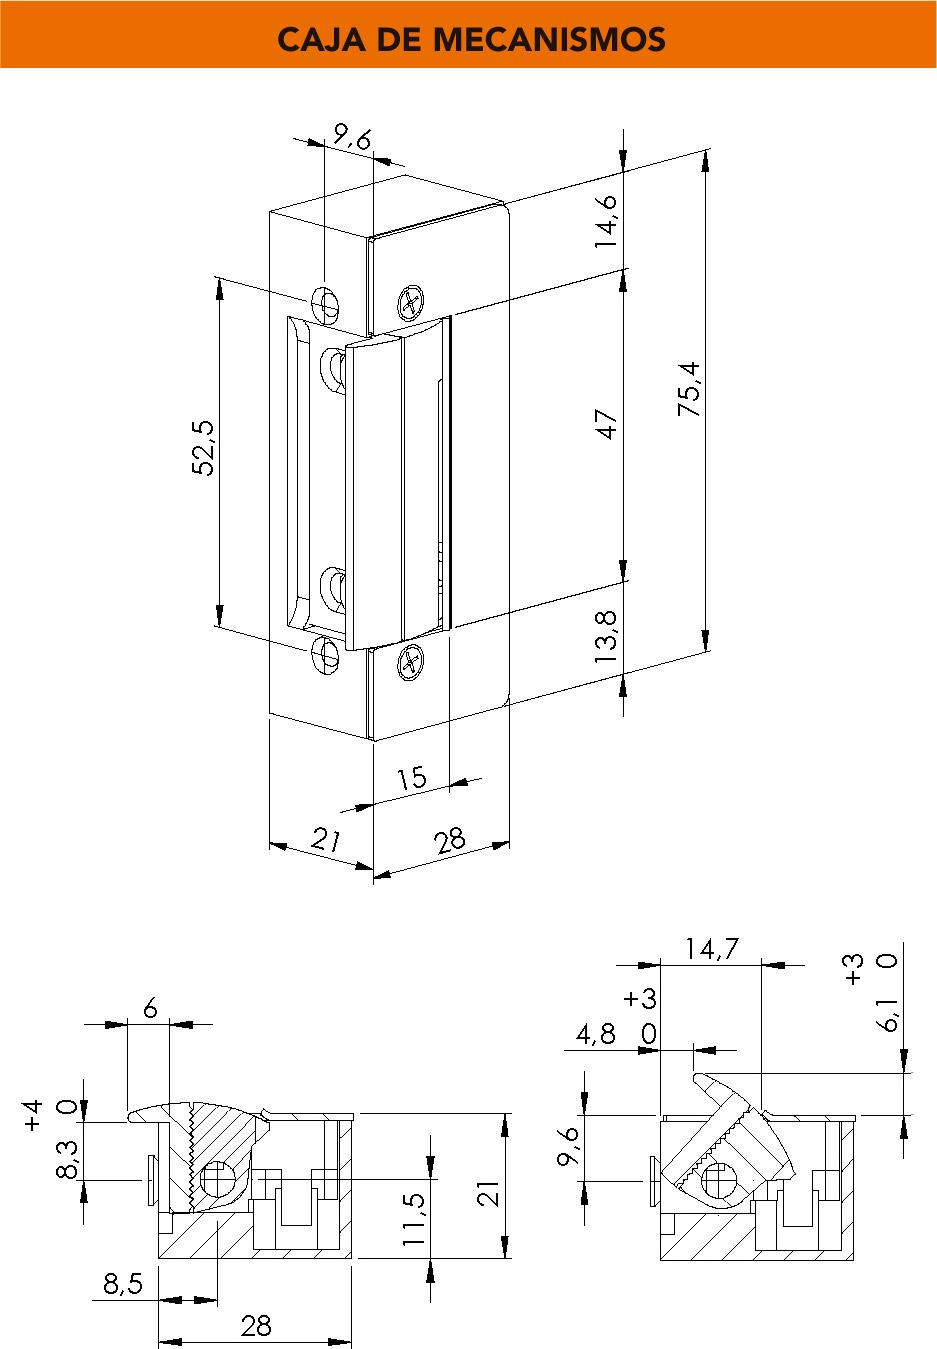 S52_mecanismos